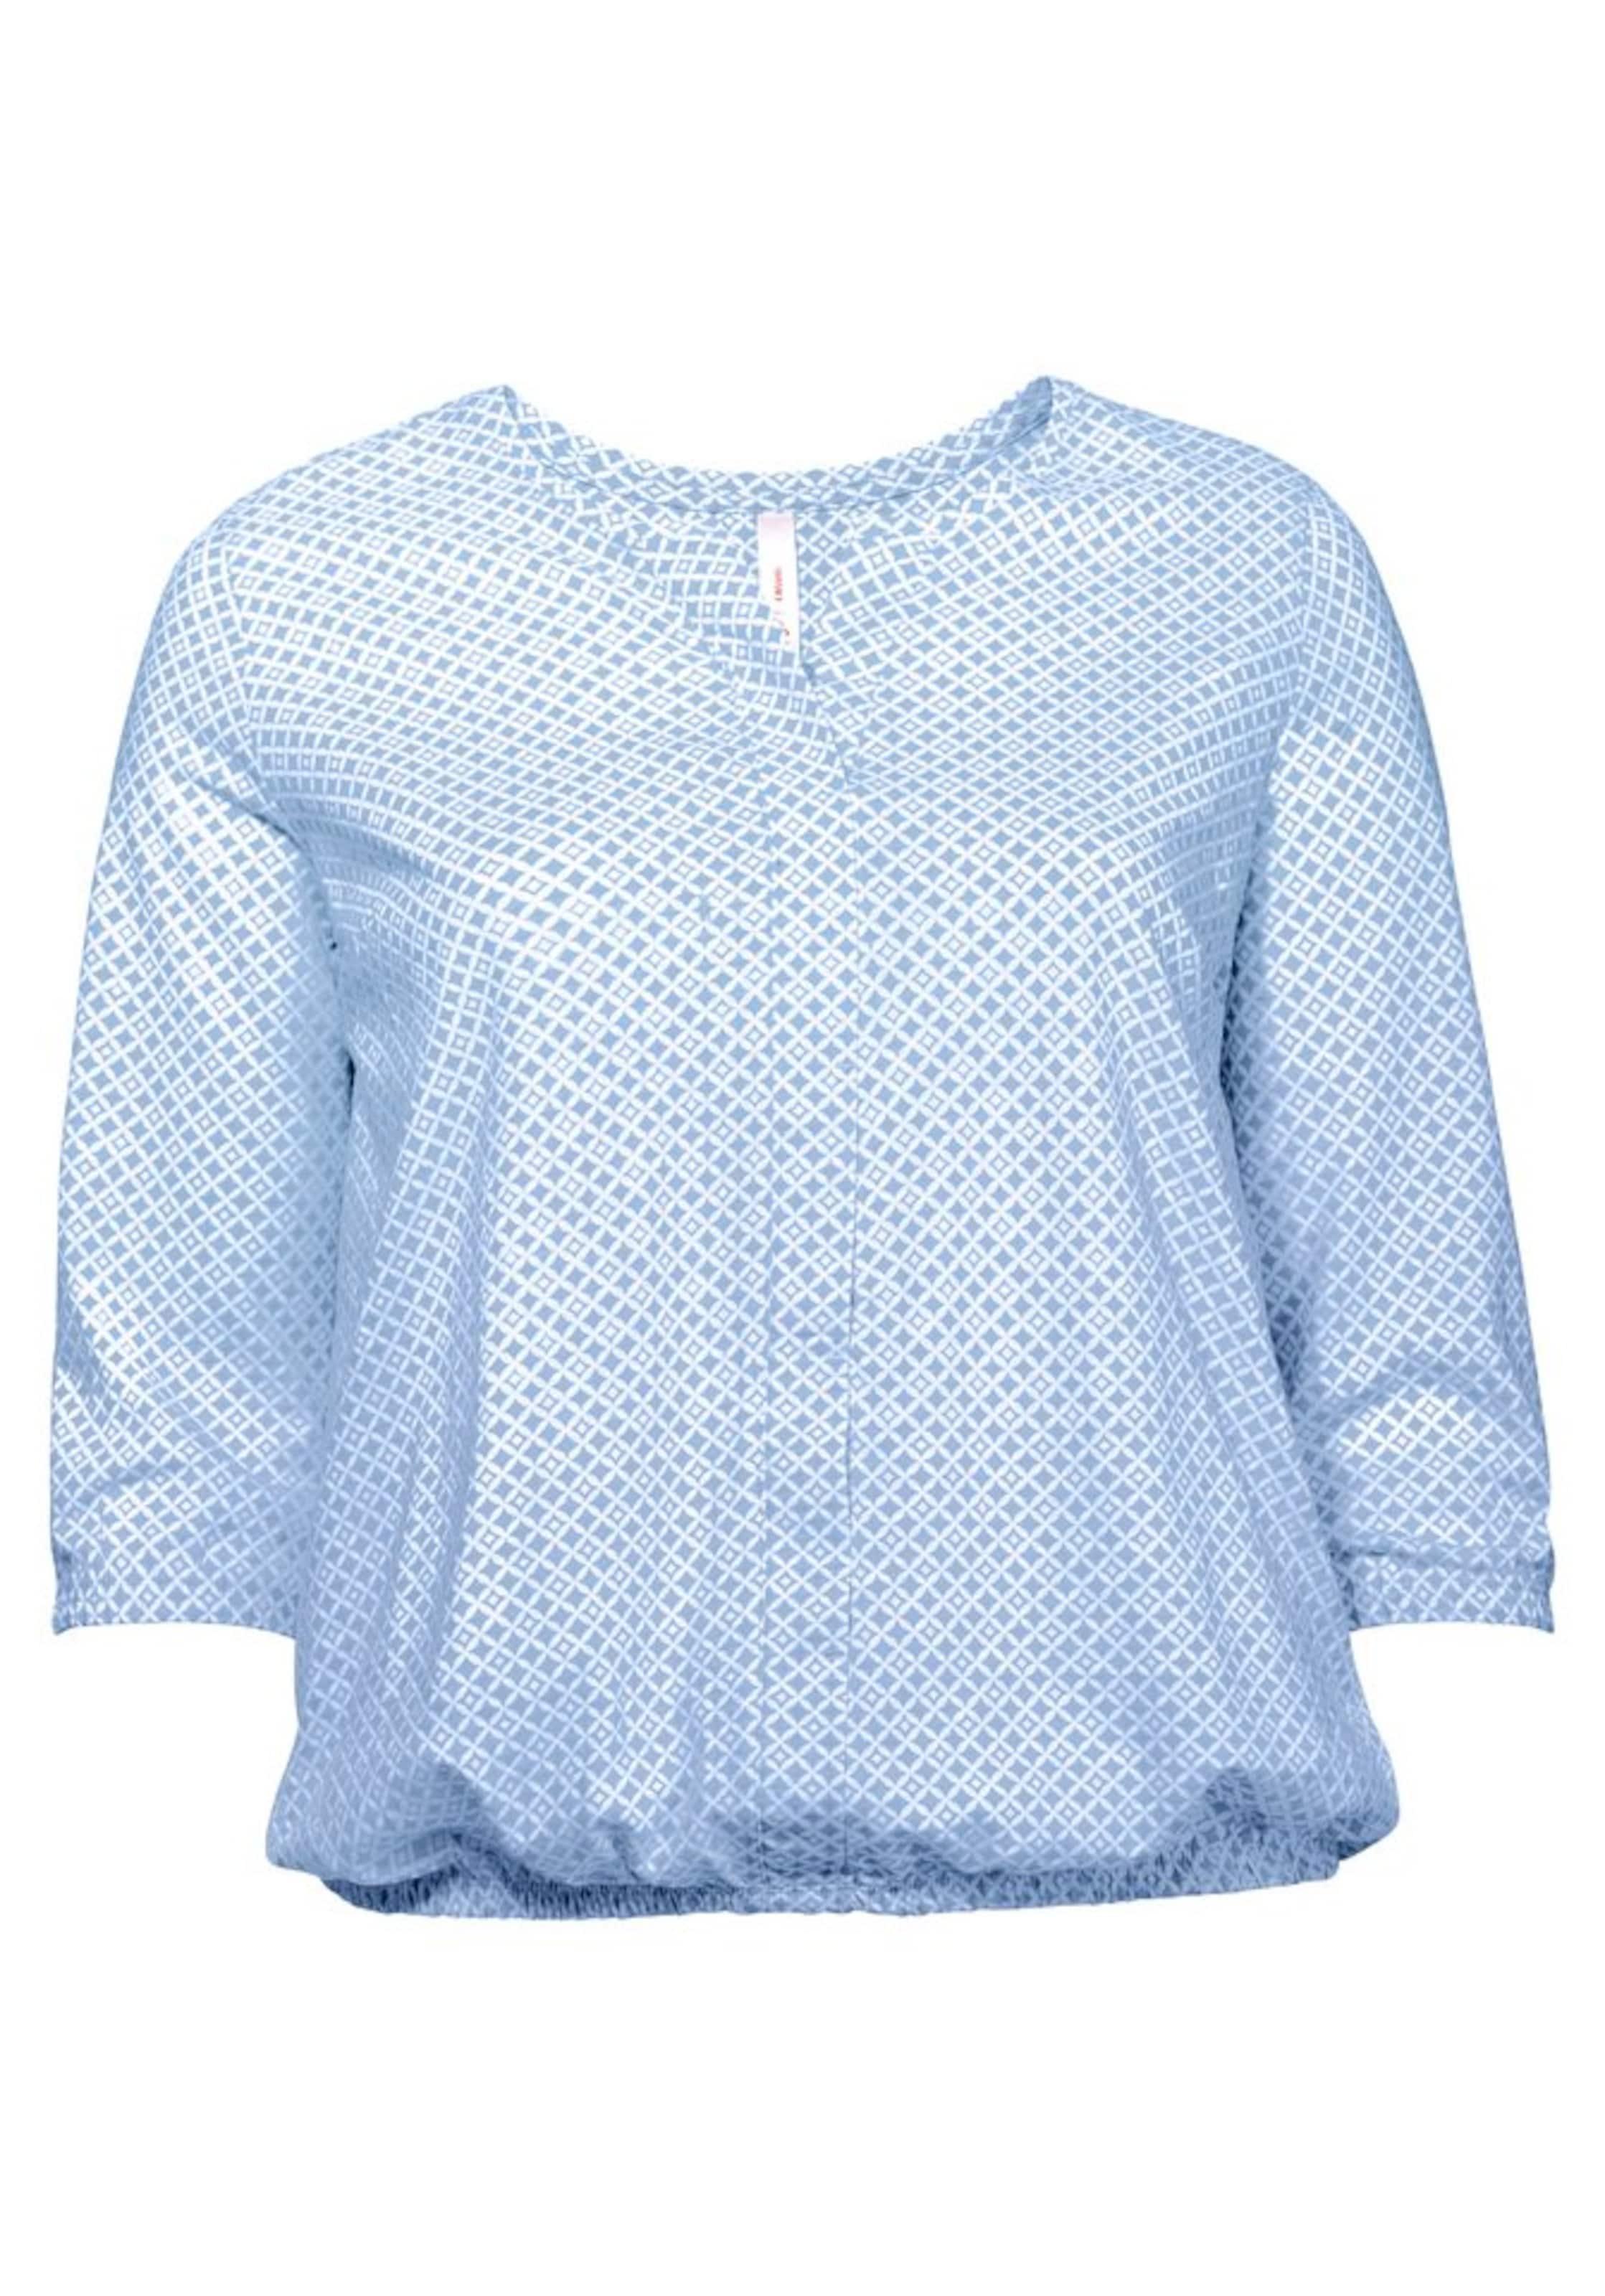 Casual 3 shirt Sheego 4 HellblauWeiß arm In oedBxC